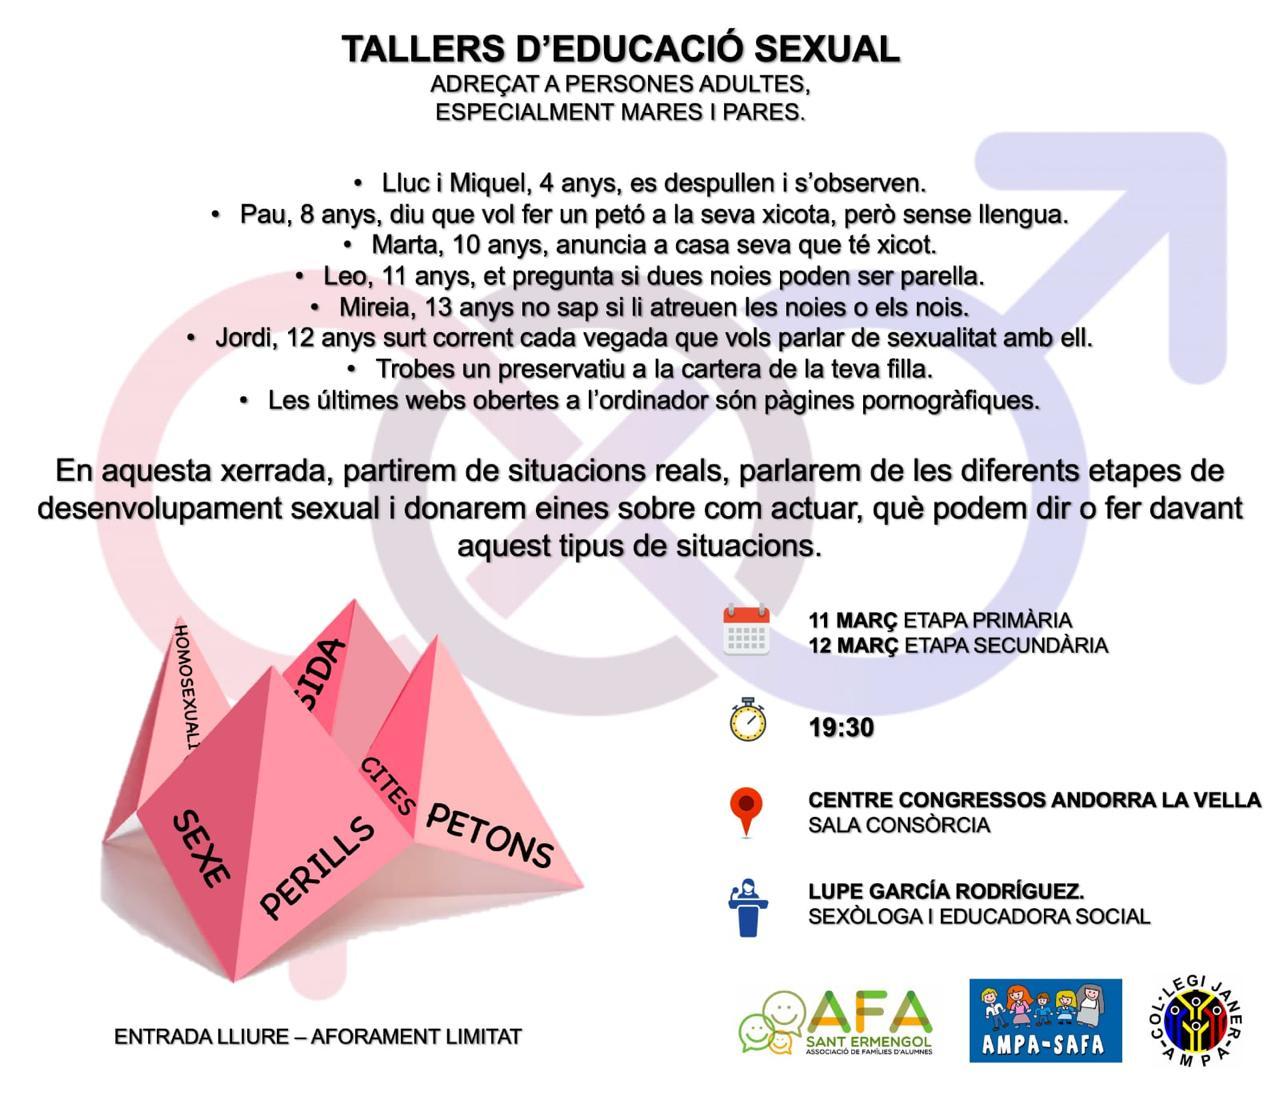 Tallers d'educació sexual